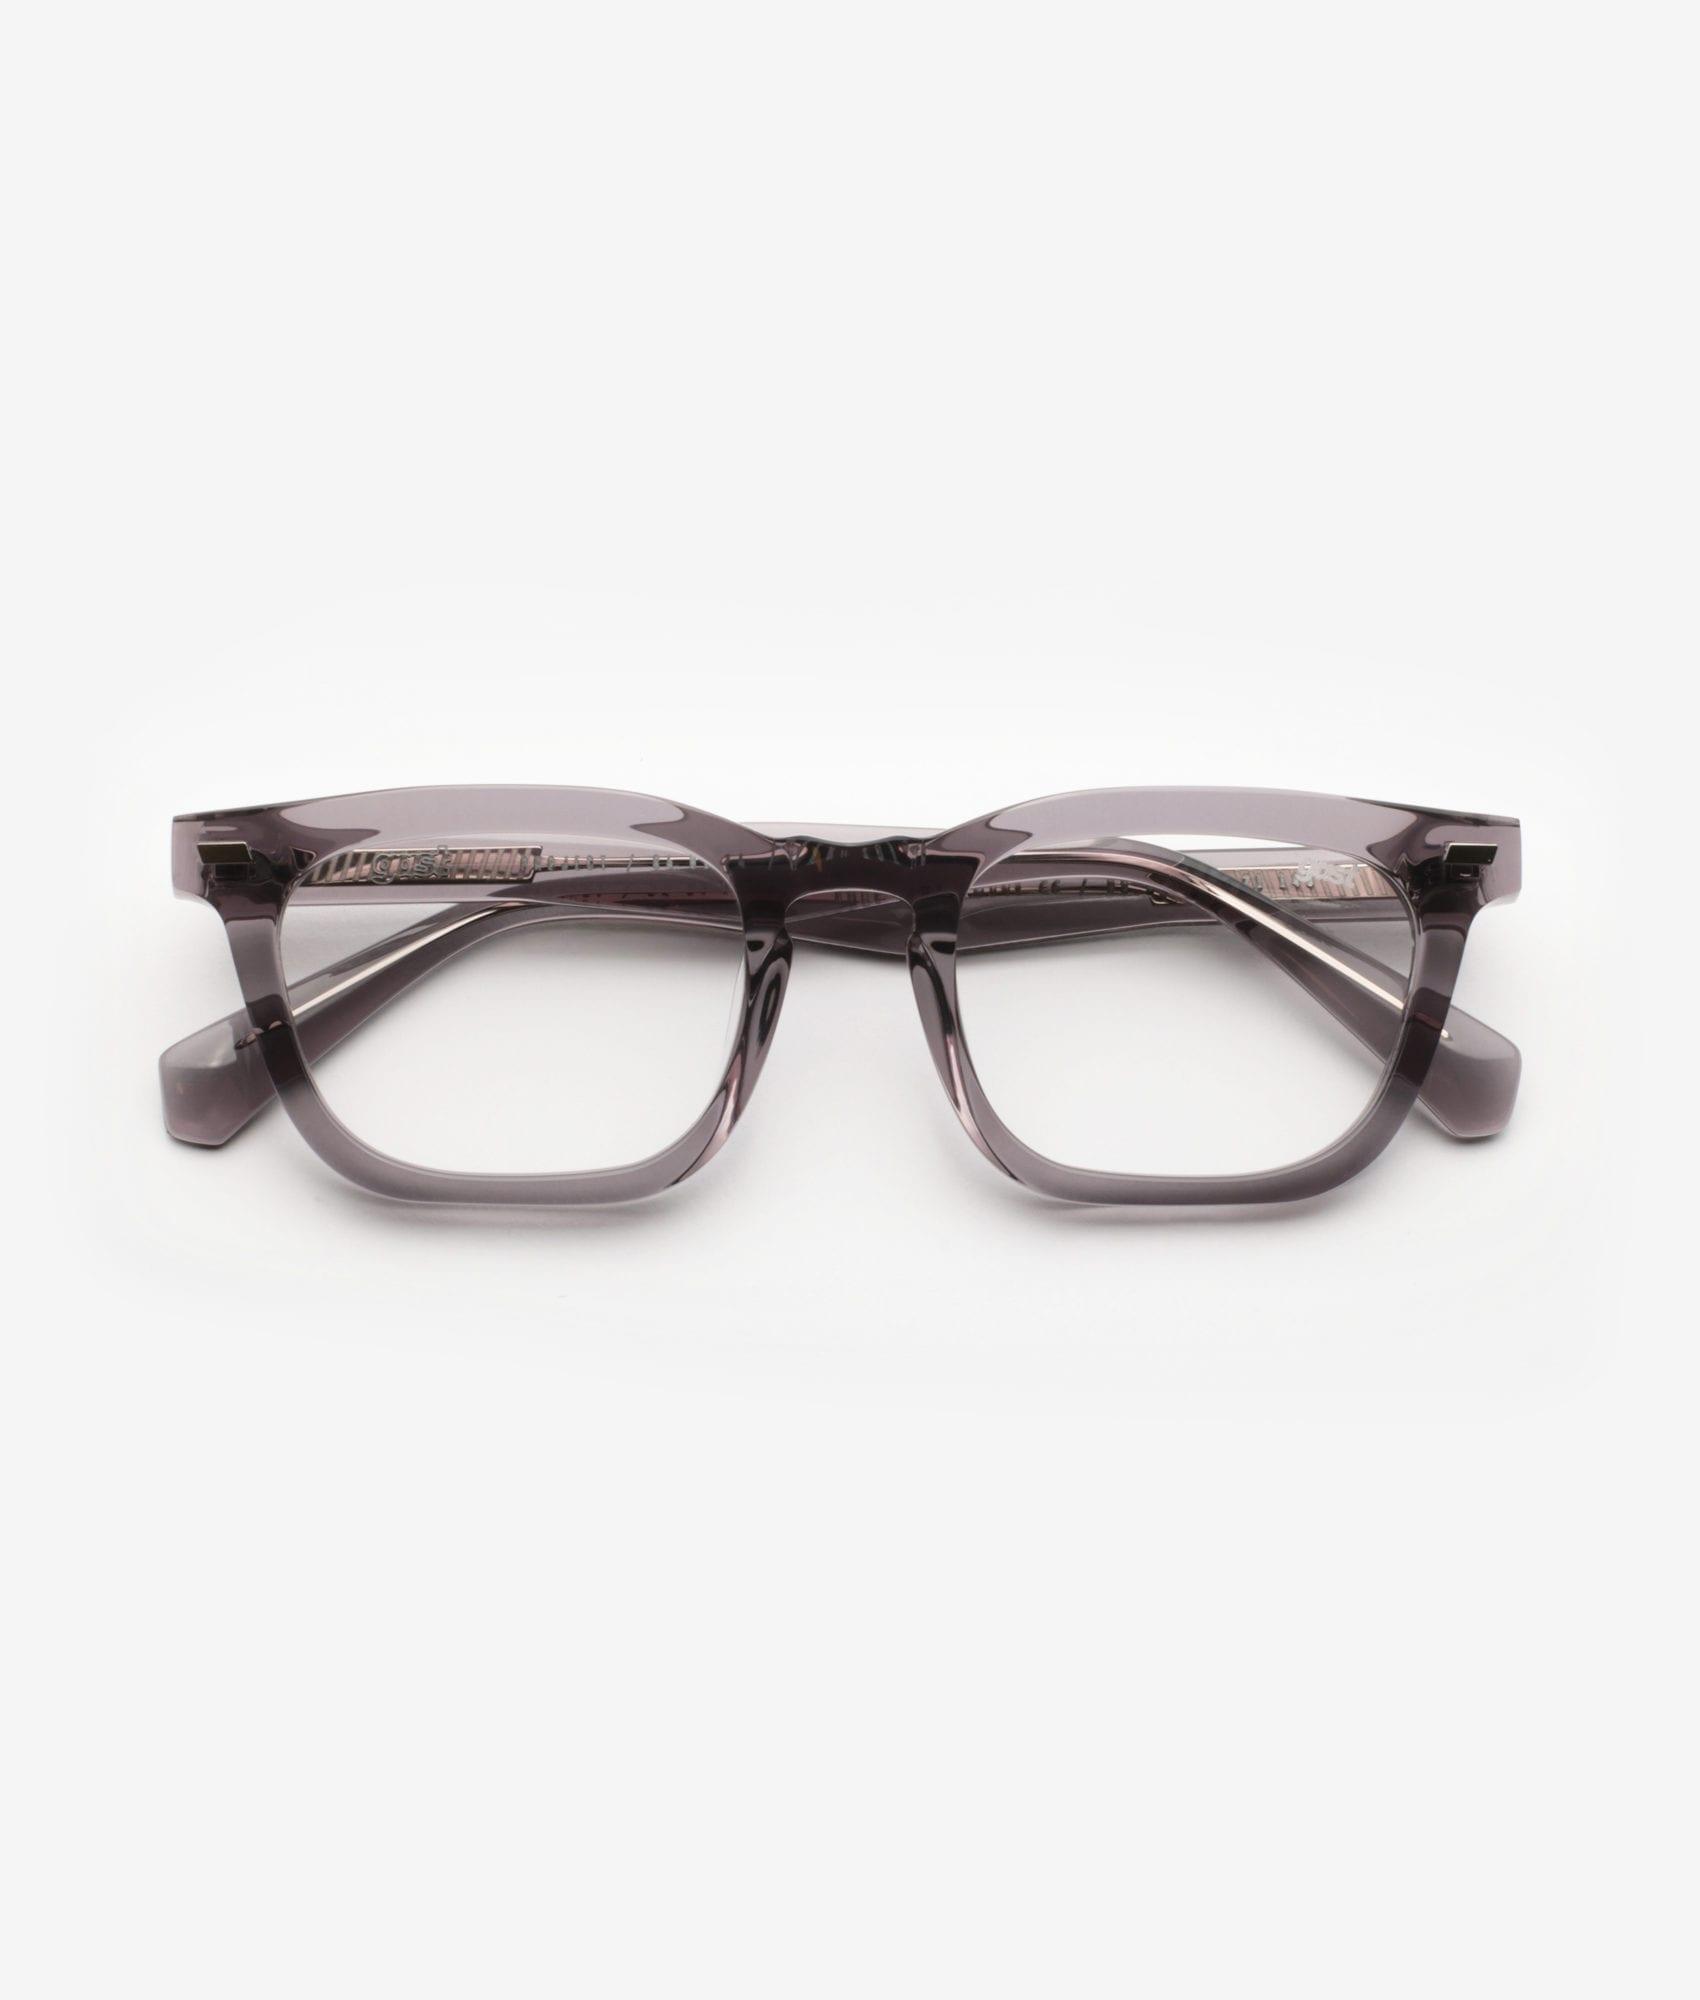 Adre Grey Gast eyewear